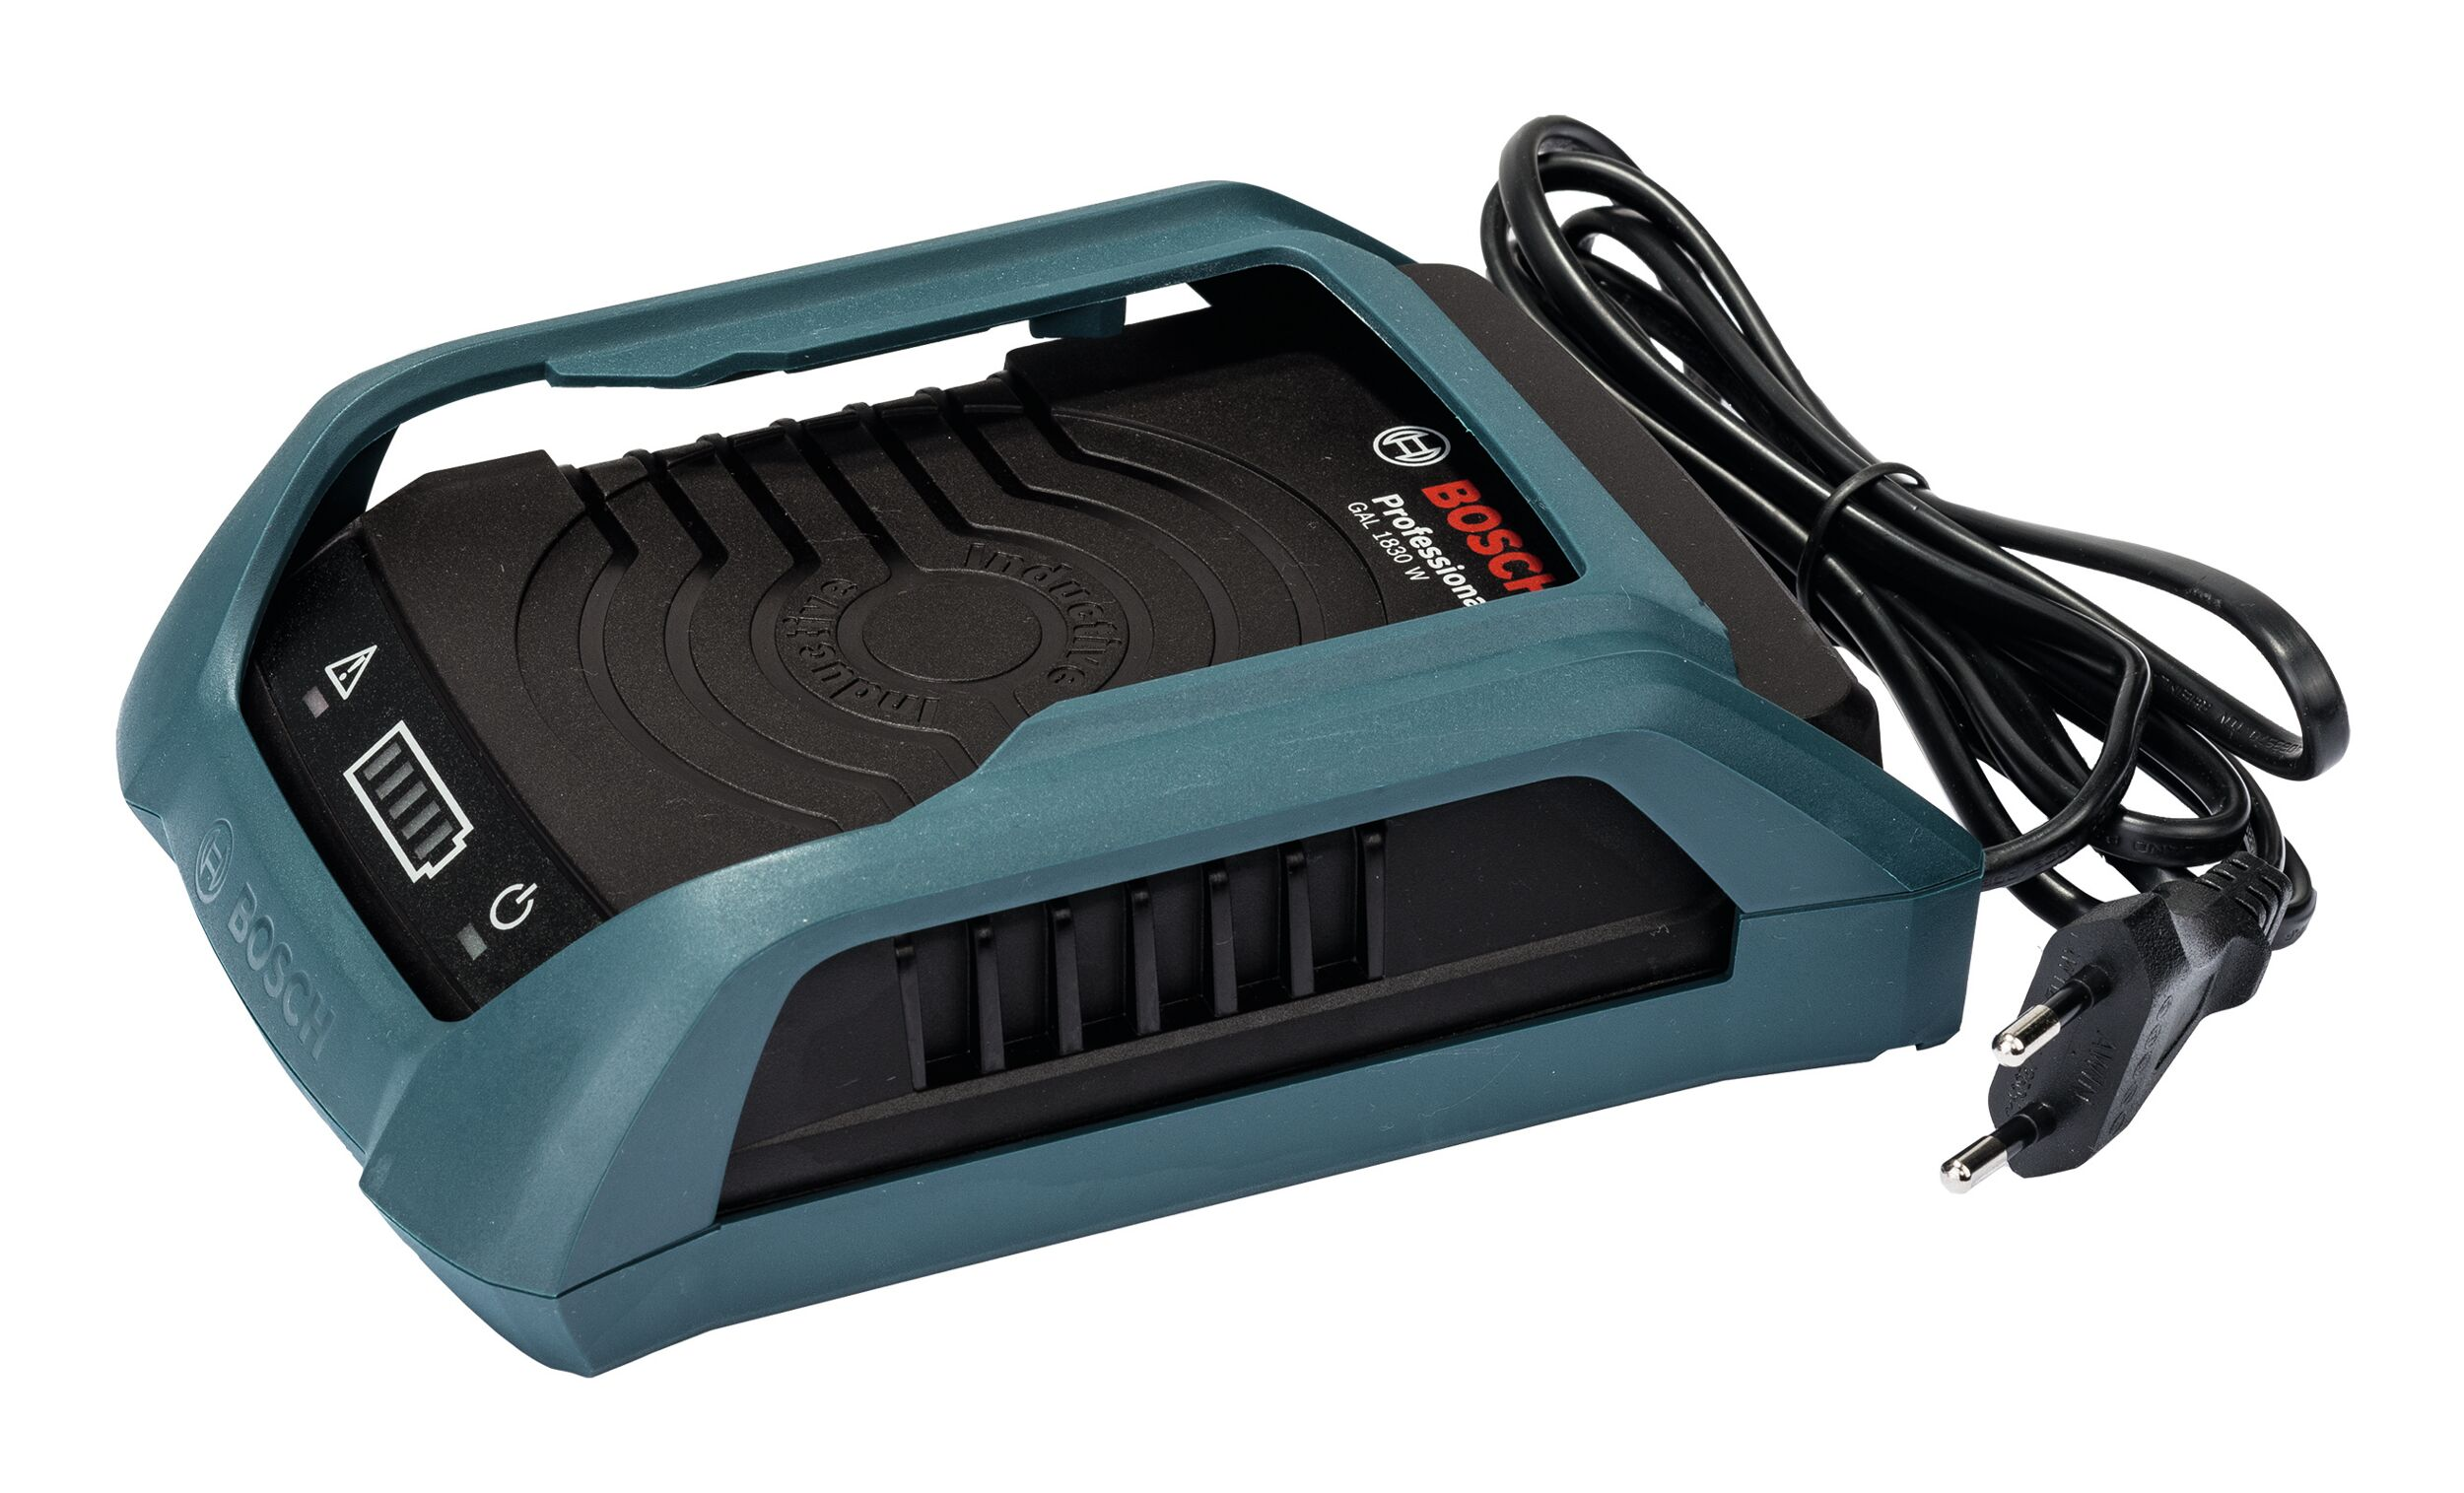 Zubehör GAL 1830 W Ladegerät Wireless für Akkus EU - 2607225846